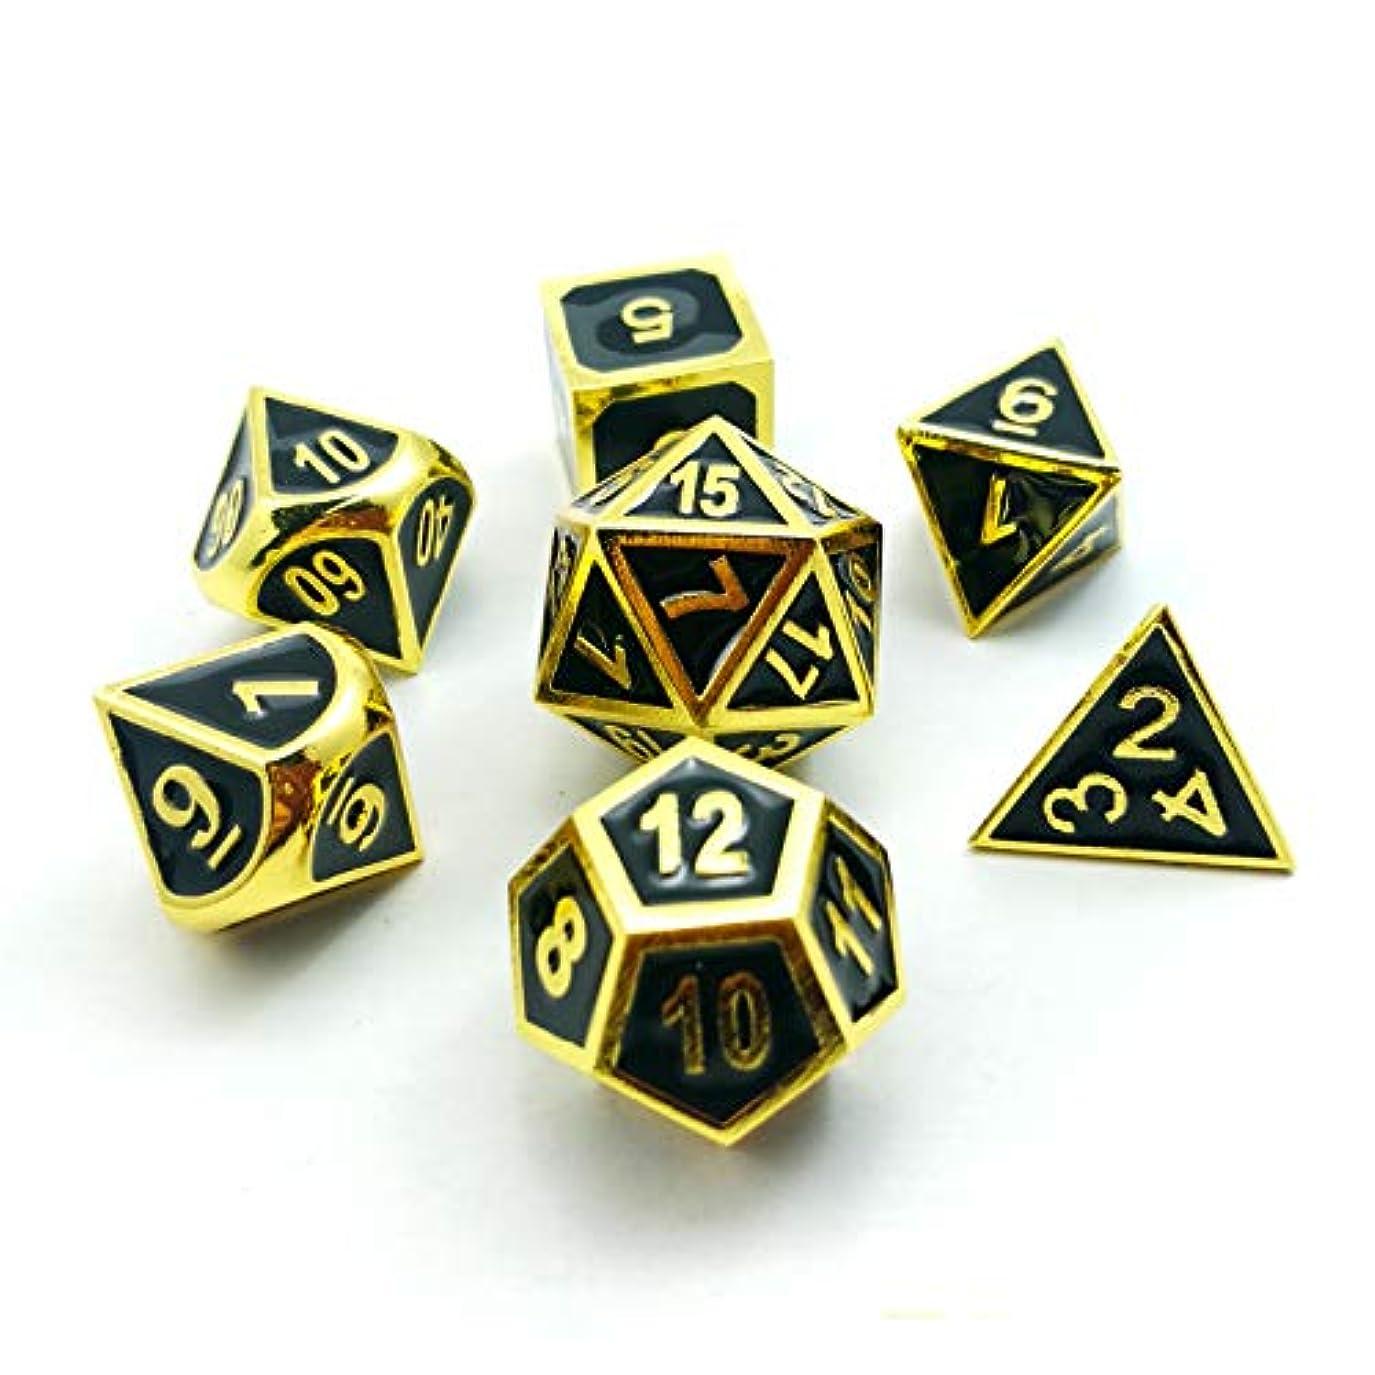 内訳オーナー関数Bescon Super Shiny Deluxe Golden and Enamel Solid Metal Polyhedral Dice Set of 7 Gold Metallic RPG Role Playing Game